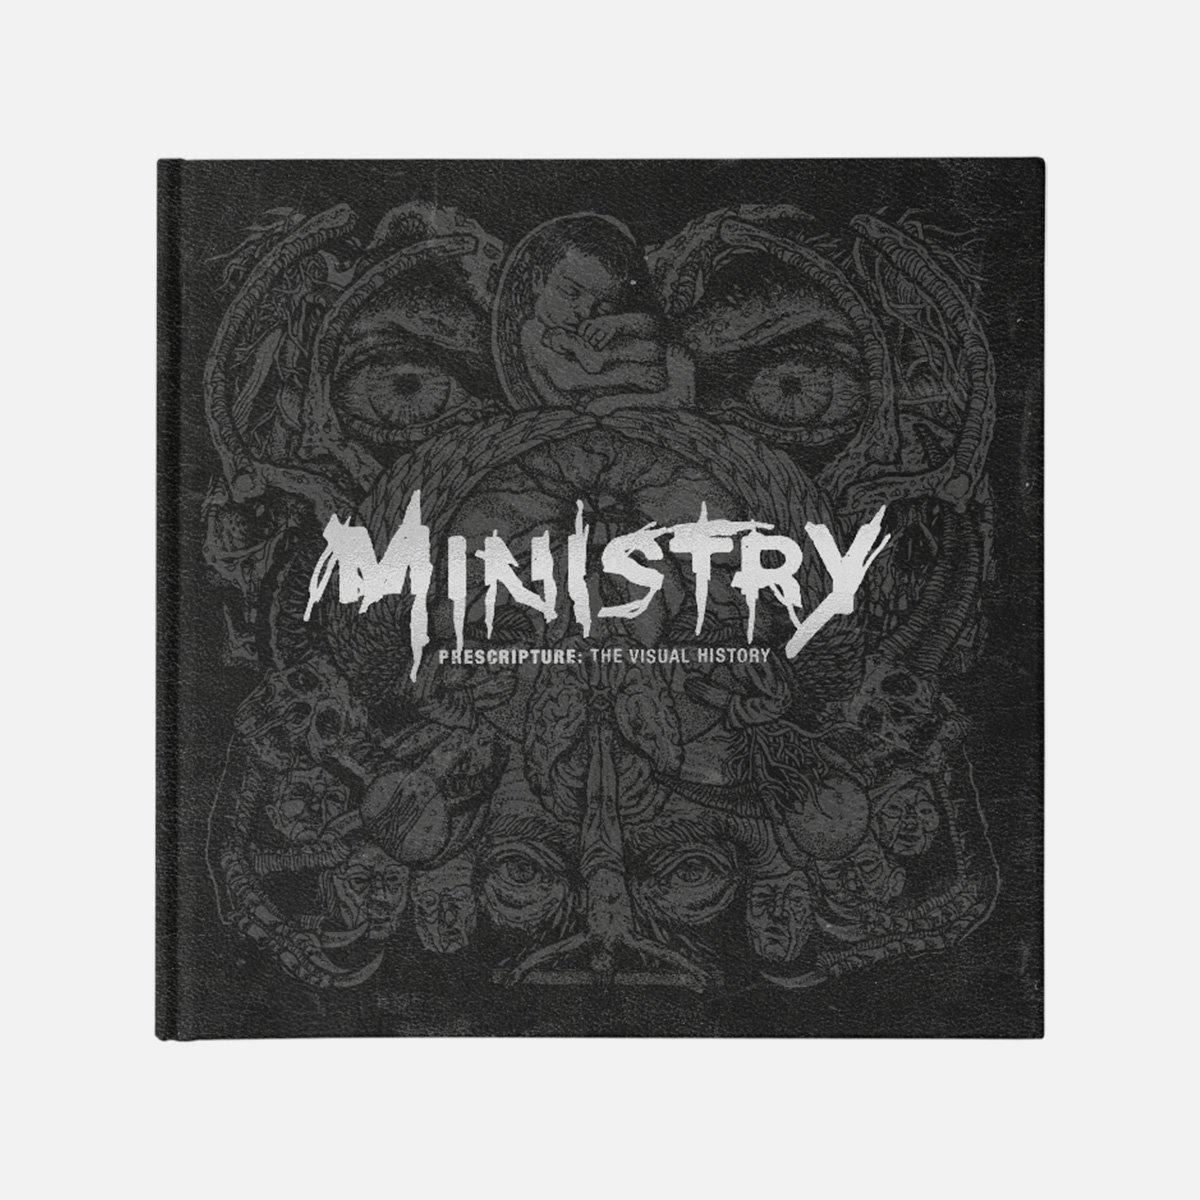 Ministry: Prescripture